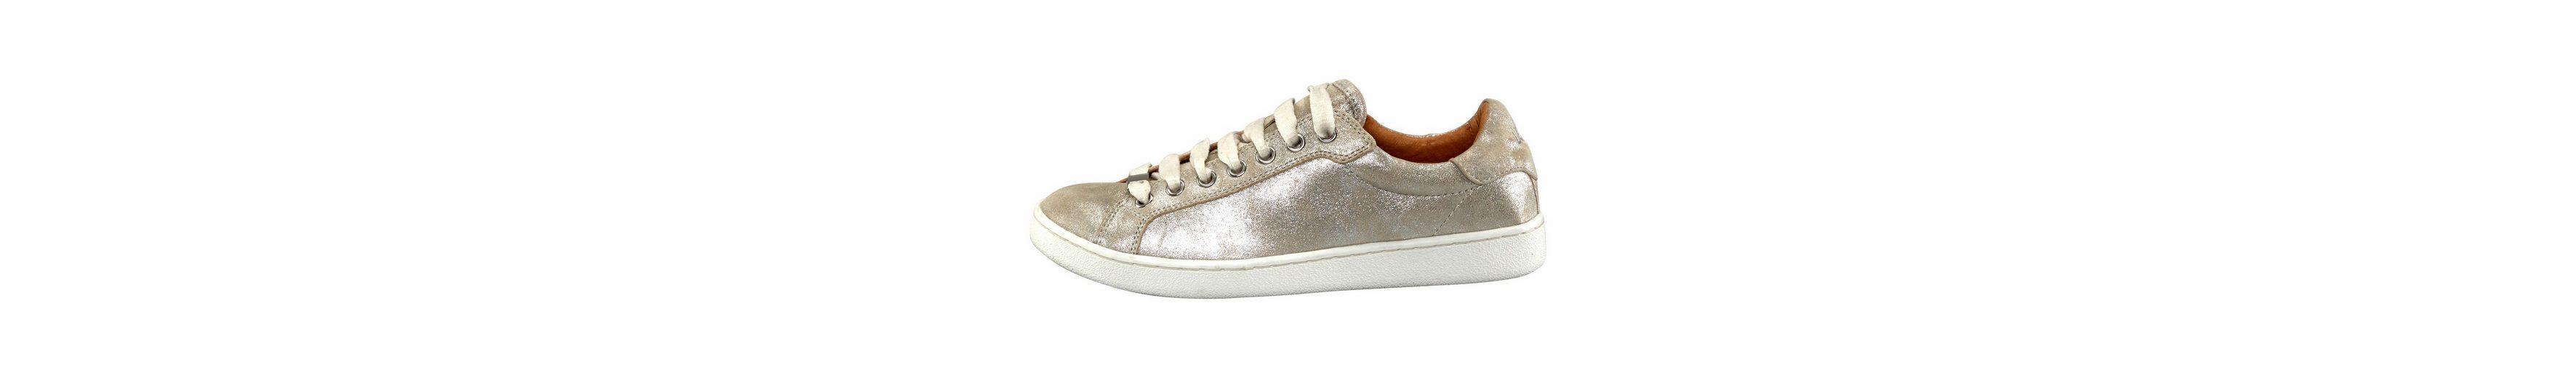 UGG Milo Stardust Sneaker, im Metallic Look